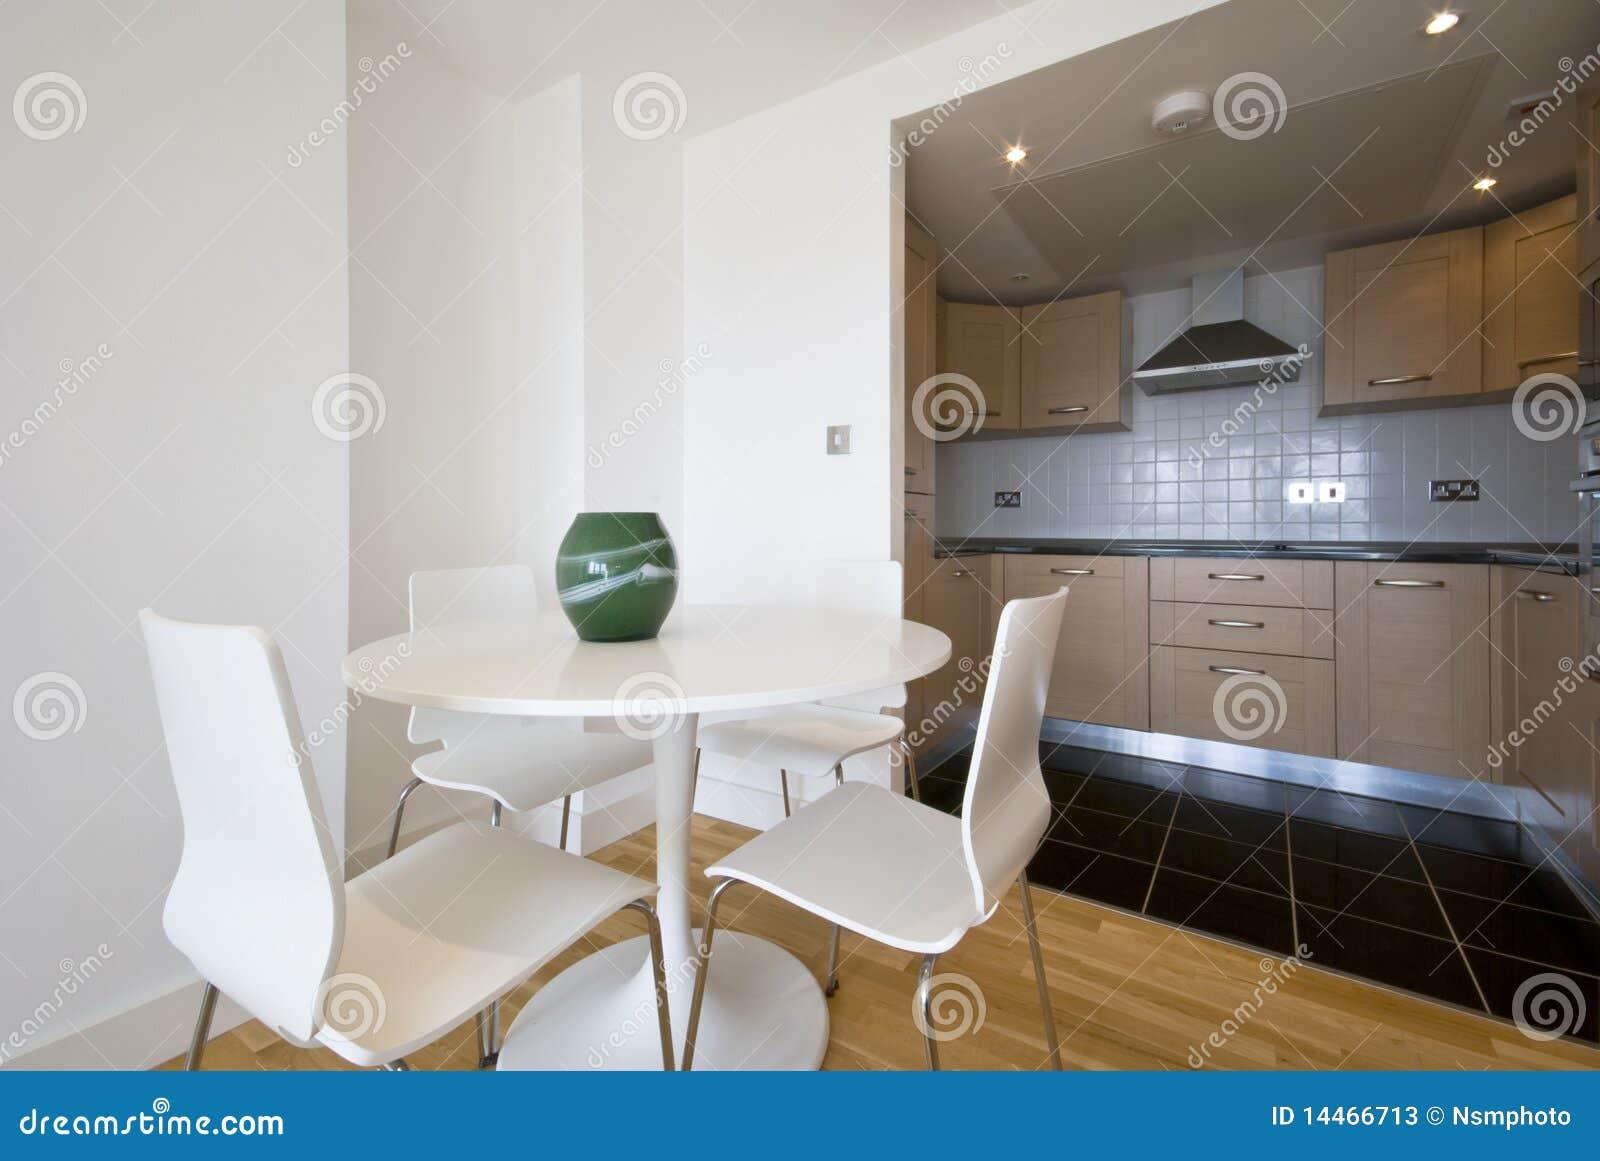 Modern bright kitchen with dining corner